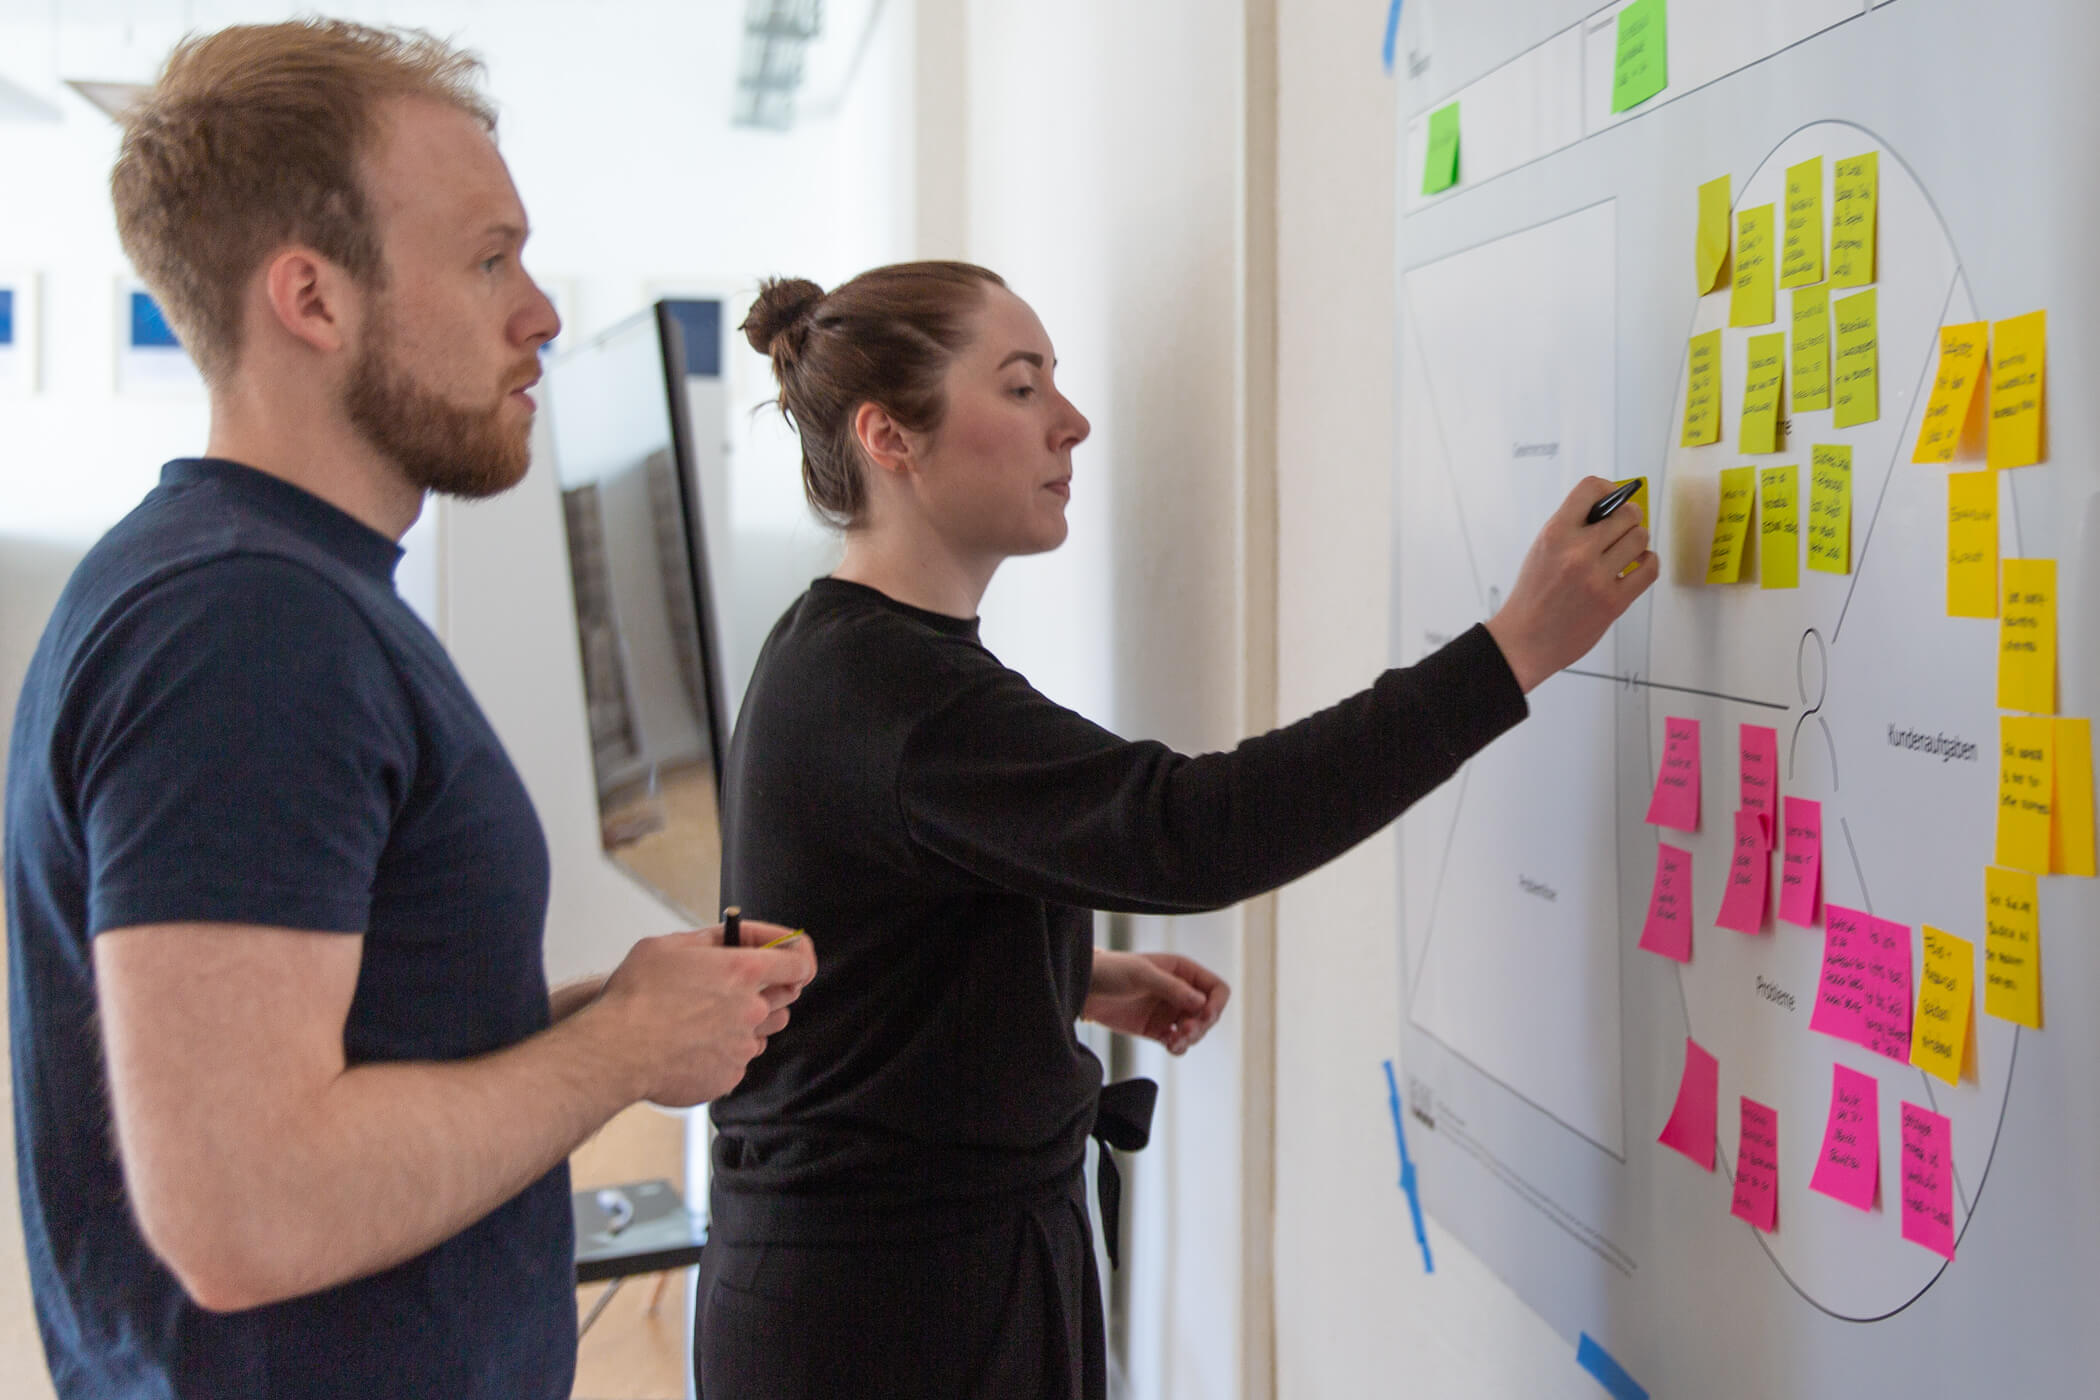 Zwei Personen aus einem agilen New Work Team kleben Notizen auf einen Canvas